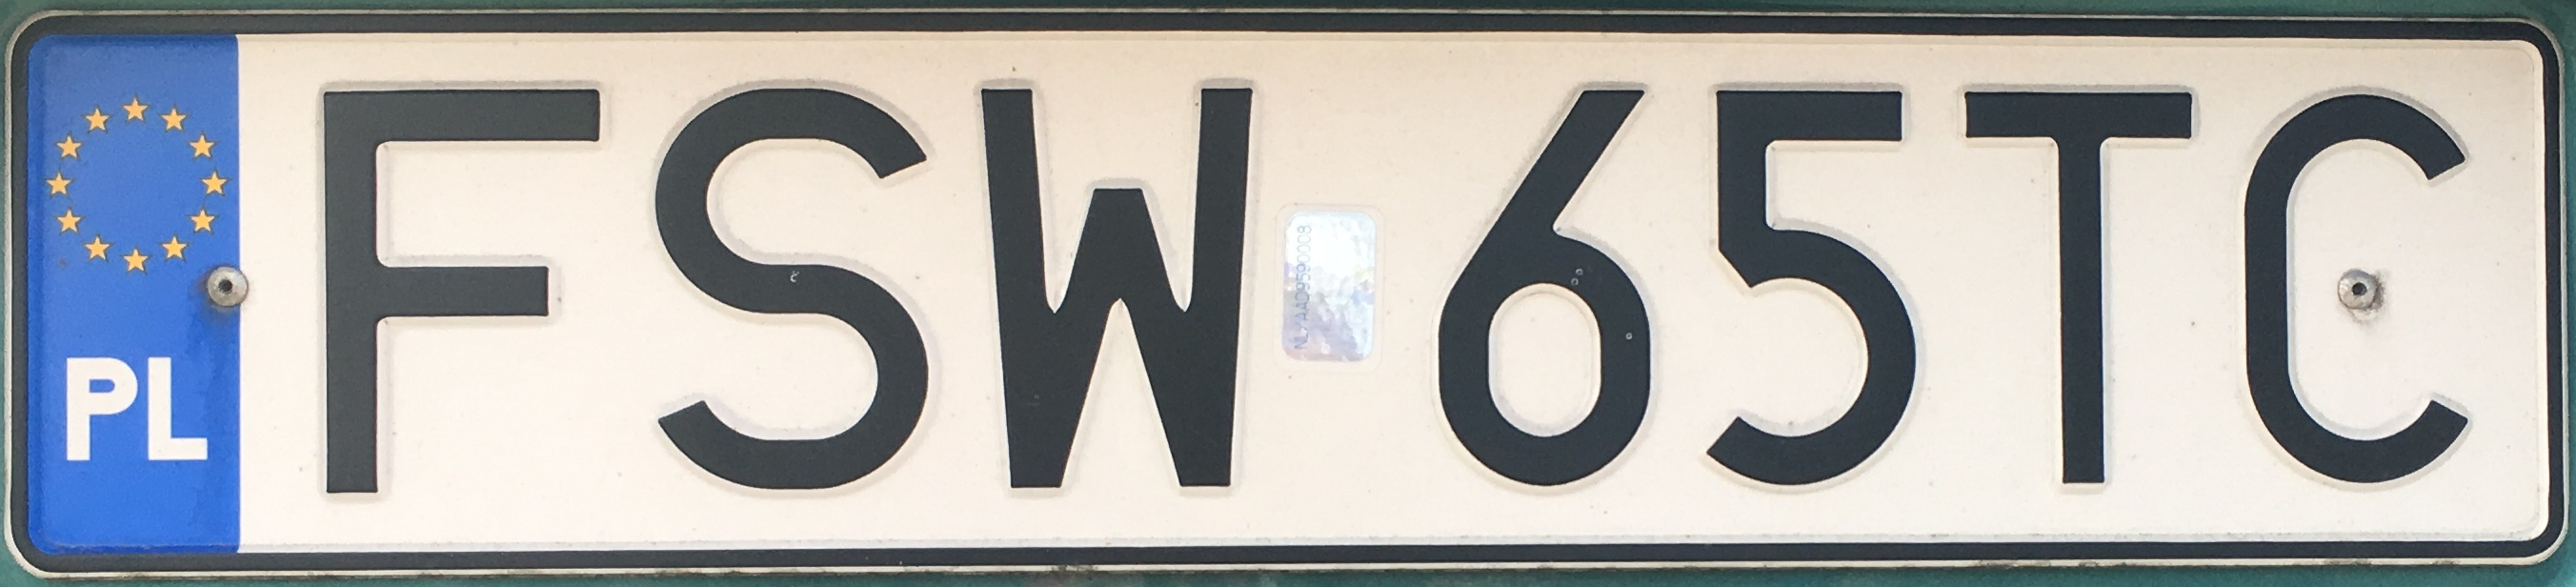 Registrační značka Polsko – FSW - Świebodzin, foto: www.podalnici.cz